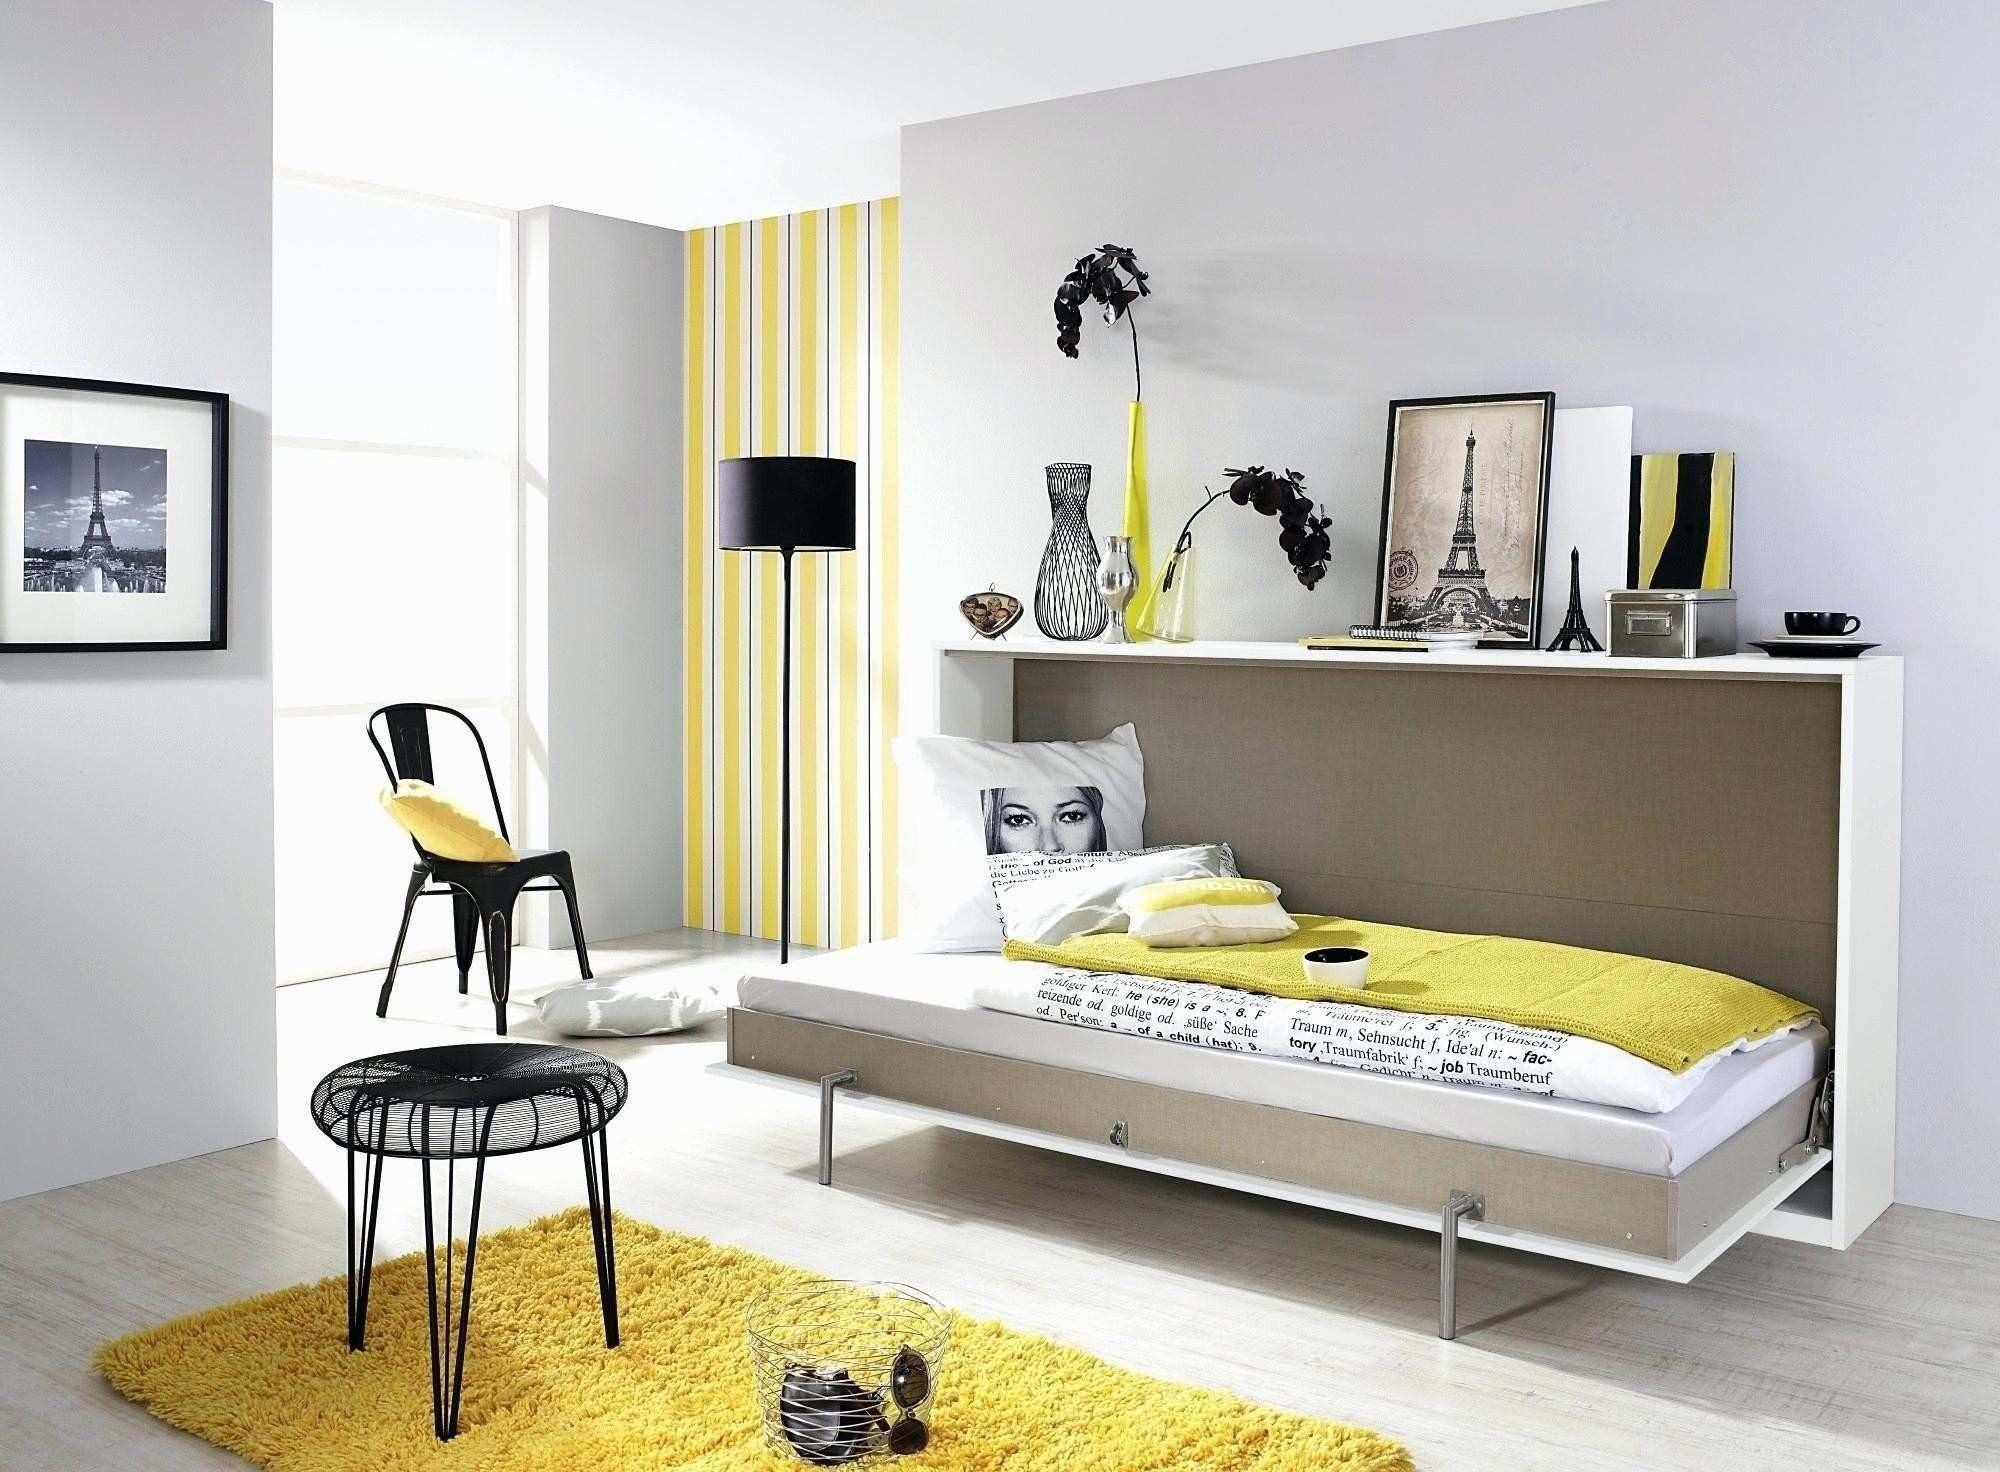 Lit Superposé Ikea 3 Places Bel Lit Mezzanine Bureau Armoire Lit Convertible 2 Places Ikea Canape 2